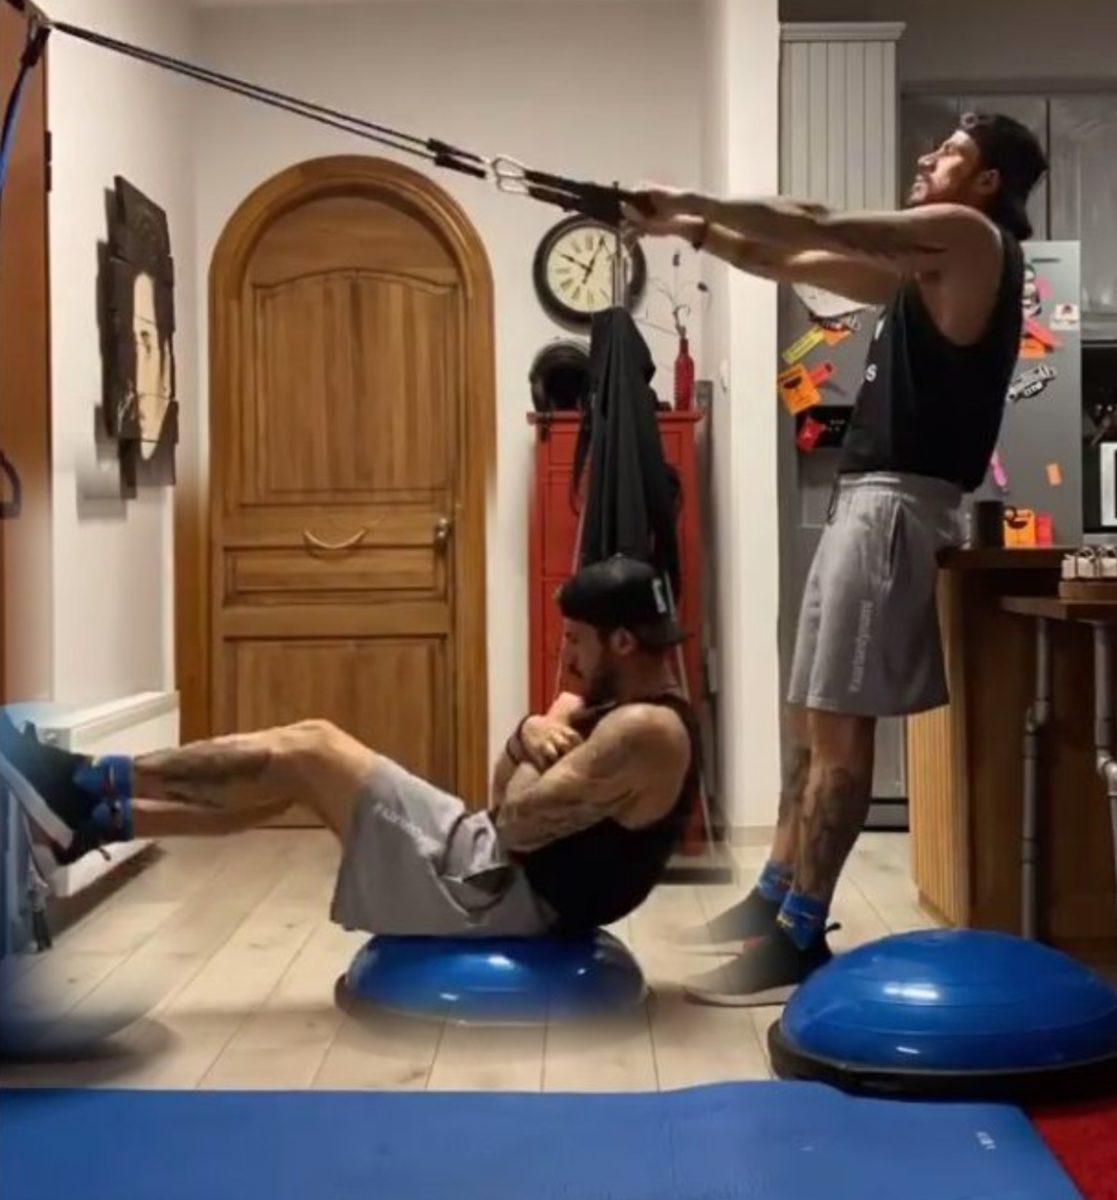 Ο Άκης Πετρετζίκης γυμνάζεται στο σπίτι του λόγω κορονοϊού – Έτσι έχει «χτίσει» σώμα! [video] | tlife.gr